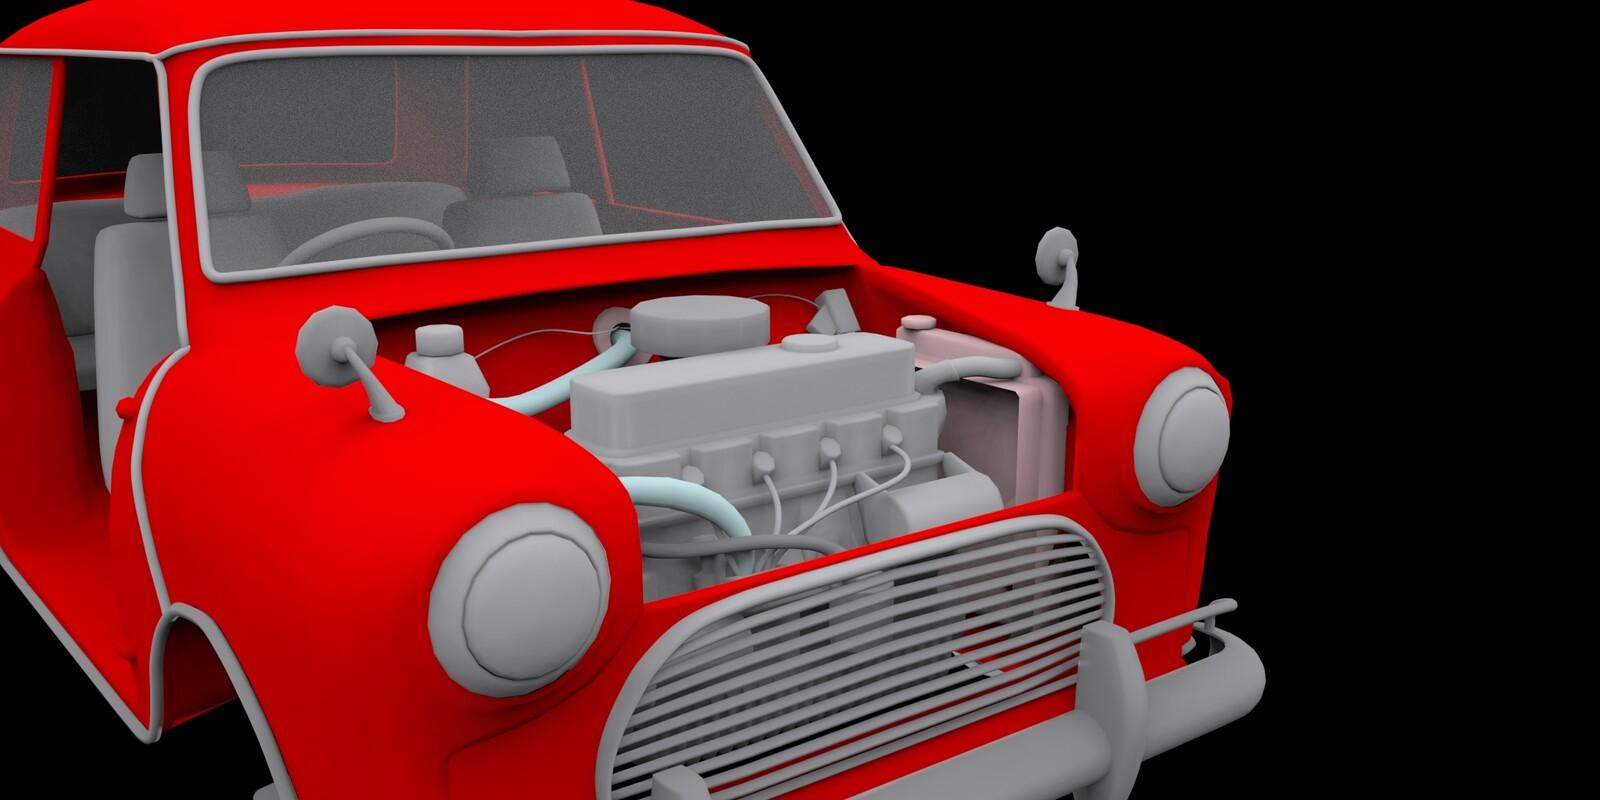 Finished modeling the engine.